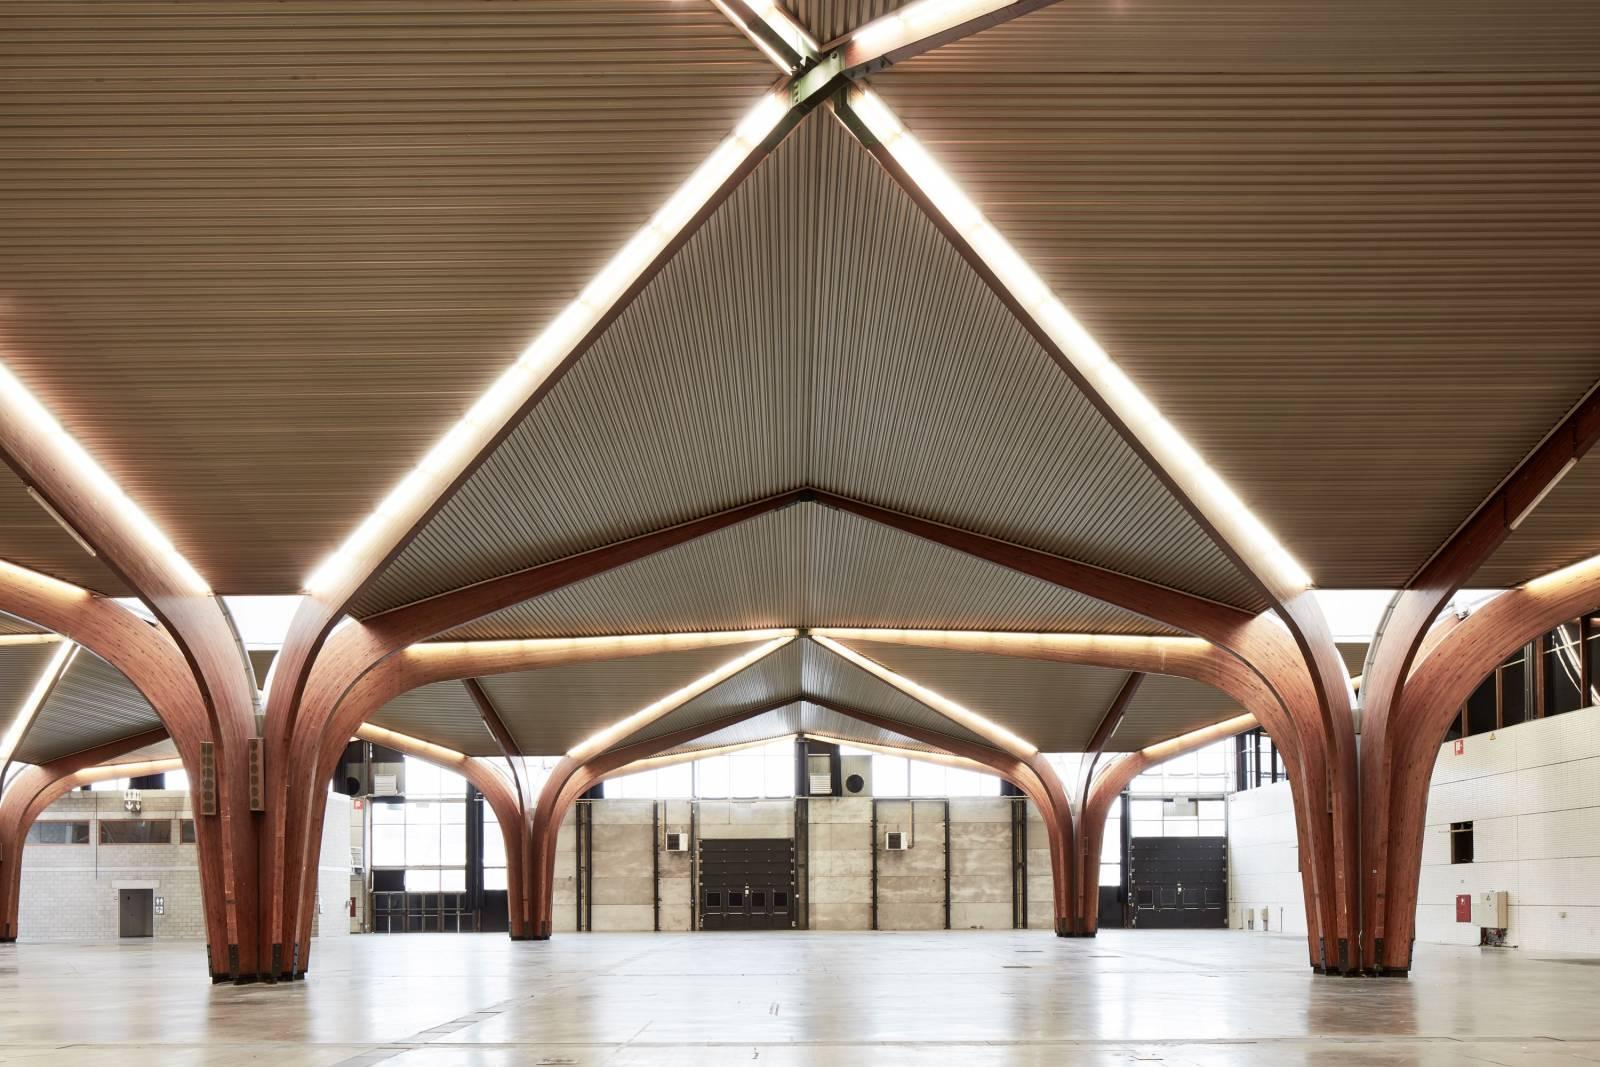 Kortrijk Xpo - Eventlocatie - Feestzaal - Kortrijk - Expohal - House of Events - 6